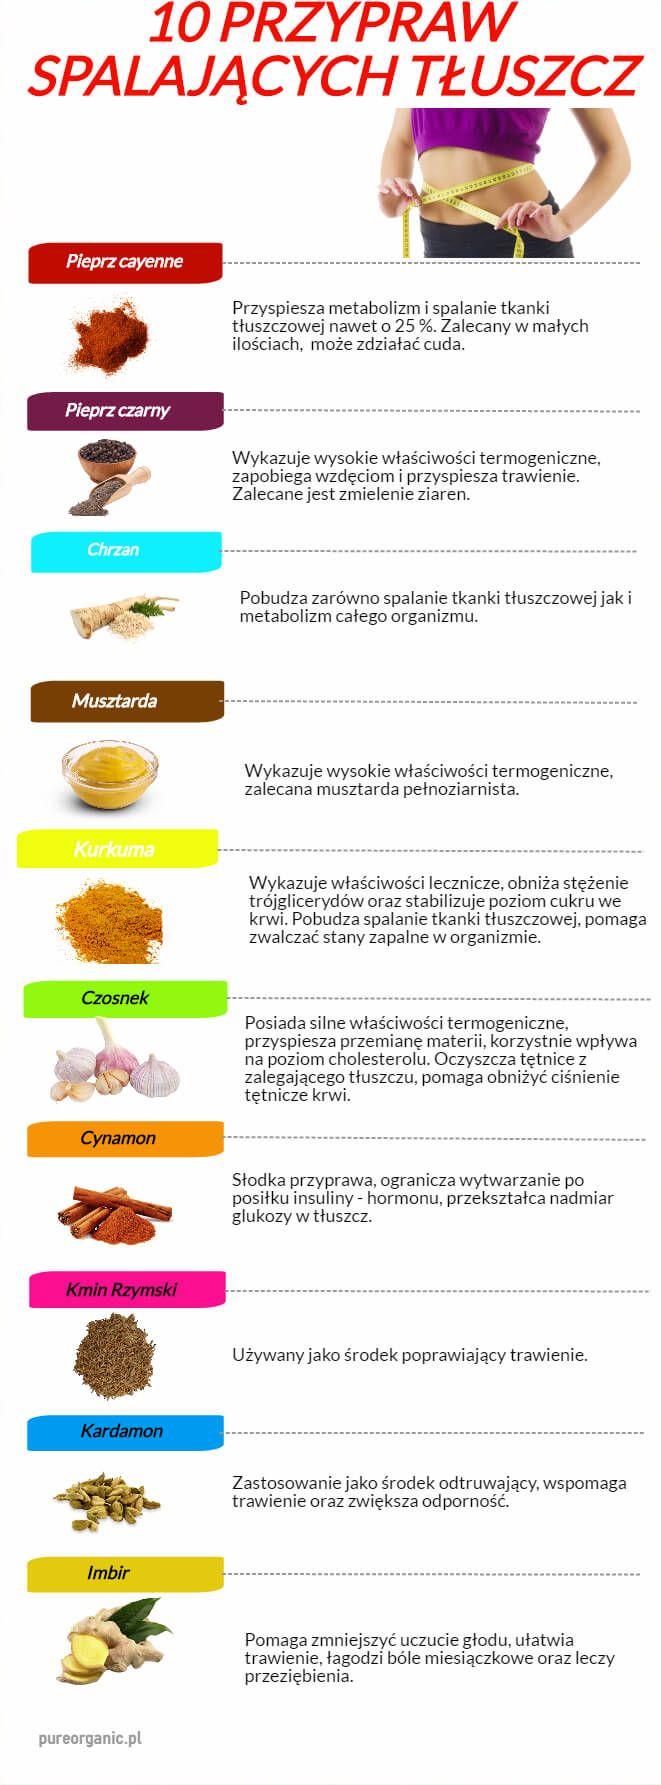 10 przypraw które pomogą spalić tkankę tłuszczową :-) #przyprawy#przyprawyspalajacetluszcz#tluszcz#spalanietluszczu | Sklep ze zdrową żywnością pureorganic. Żywność ekologiczna i organiczna, zdrowa żywność.